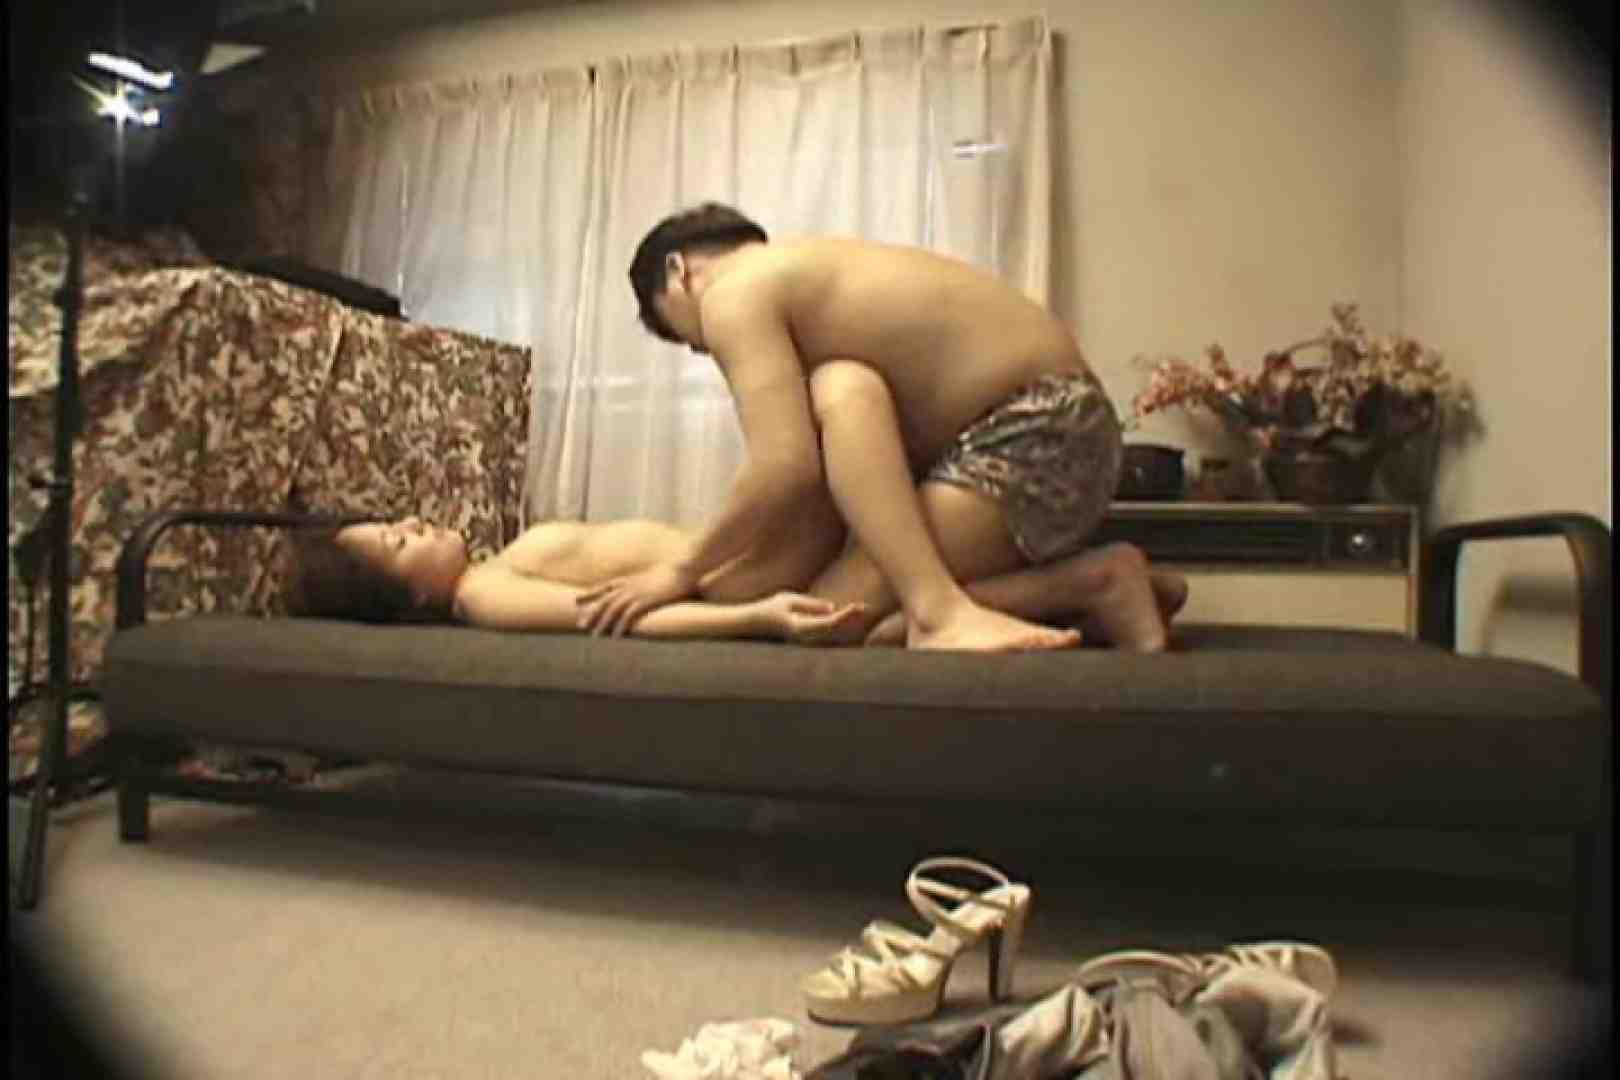 素人嬢126人のハメ撮り 竹之内歩美 手マンギャル セックス画像 65連発 59